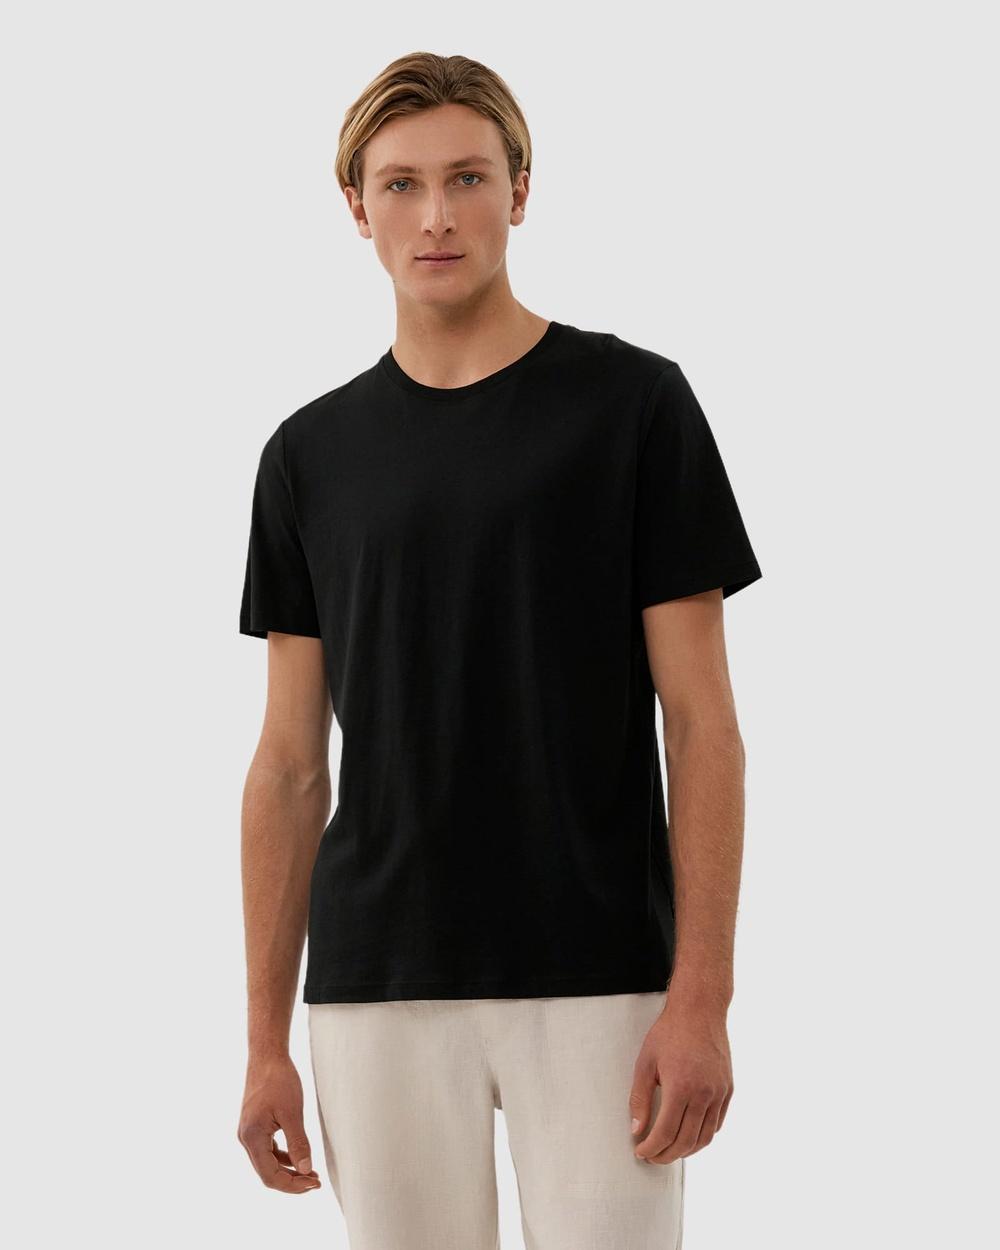 Jag - Organic Split Tee - T-Shirts & Singlets (Black) Organic Split Tee